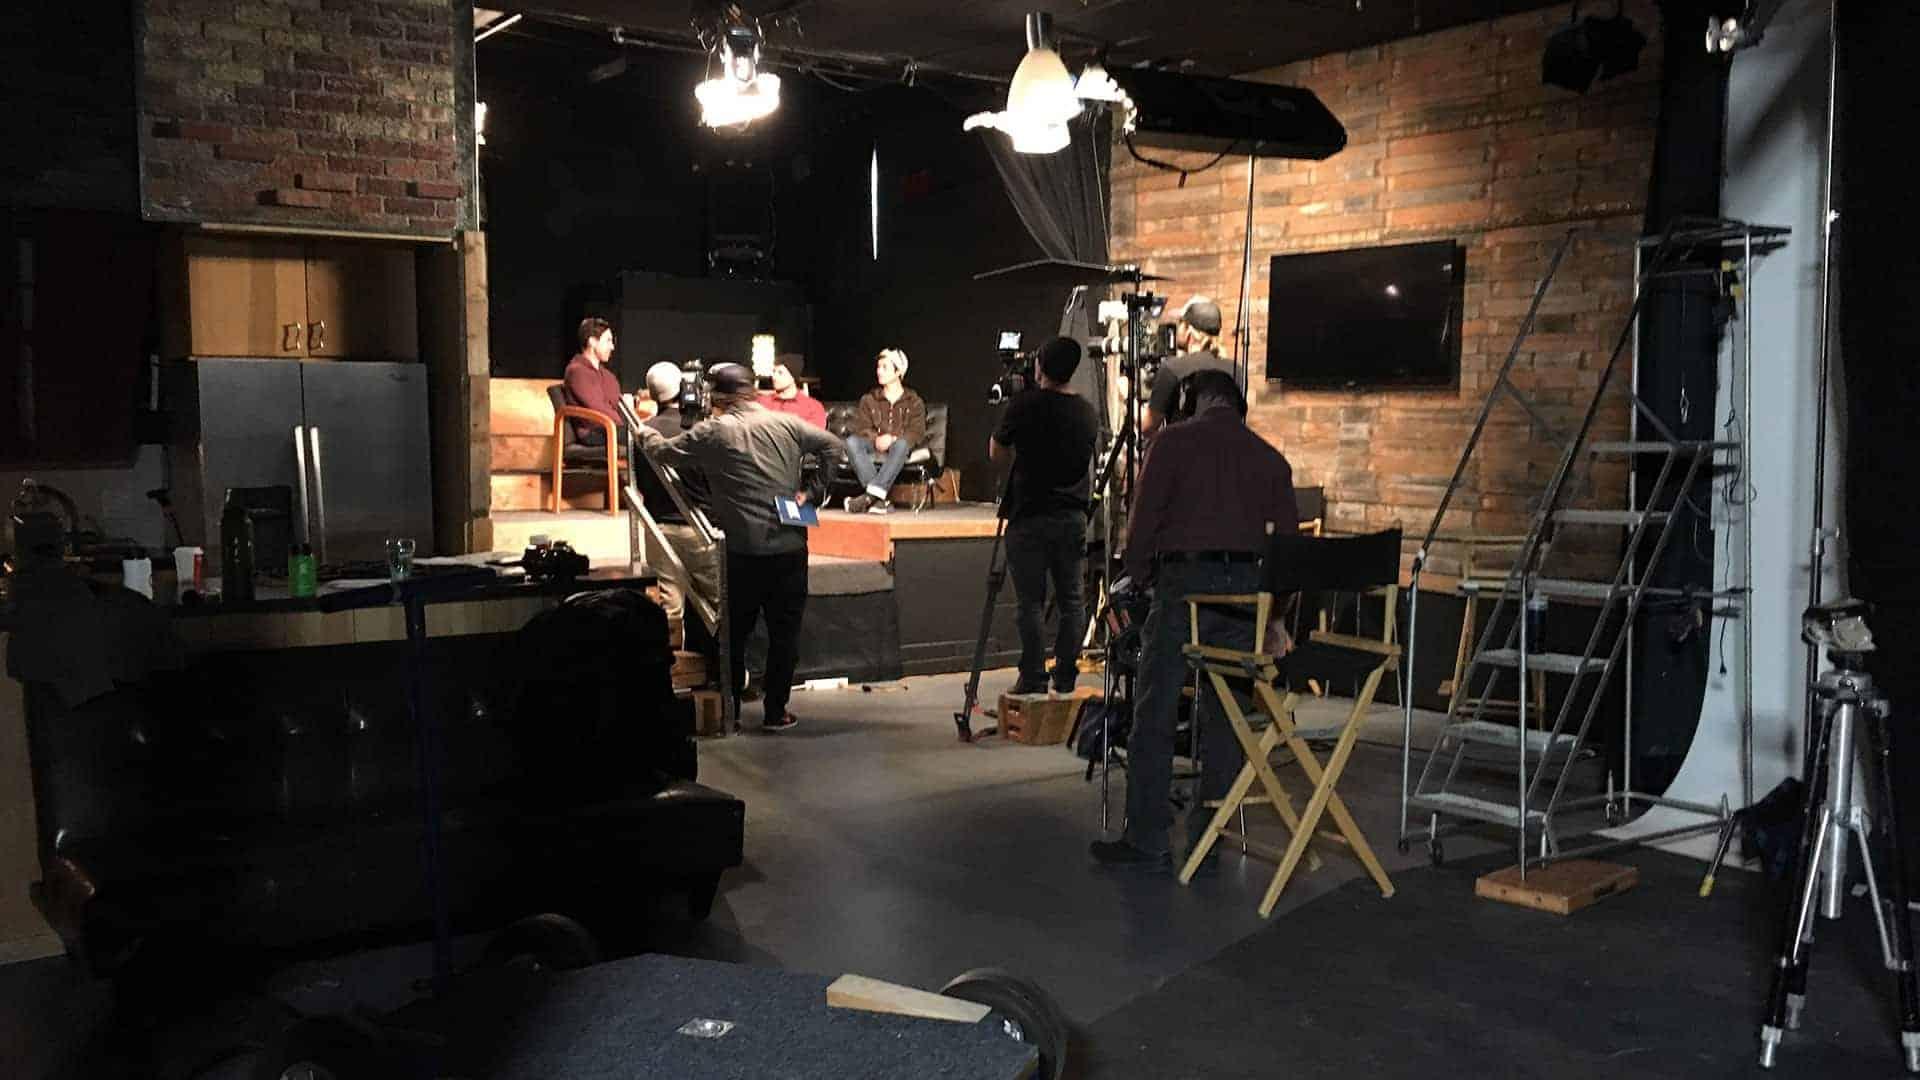 BTS still of shoot in screening lounge